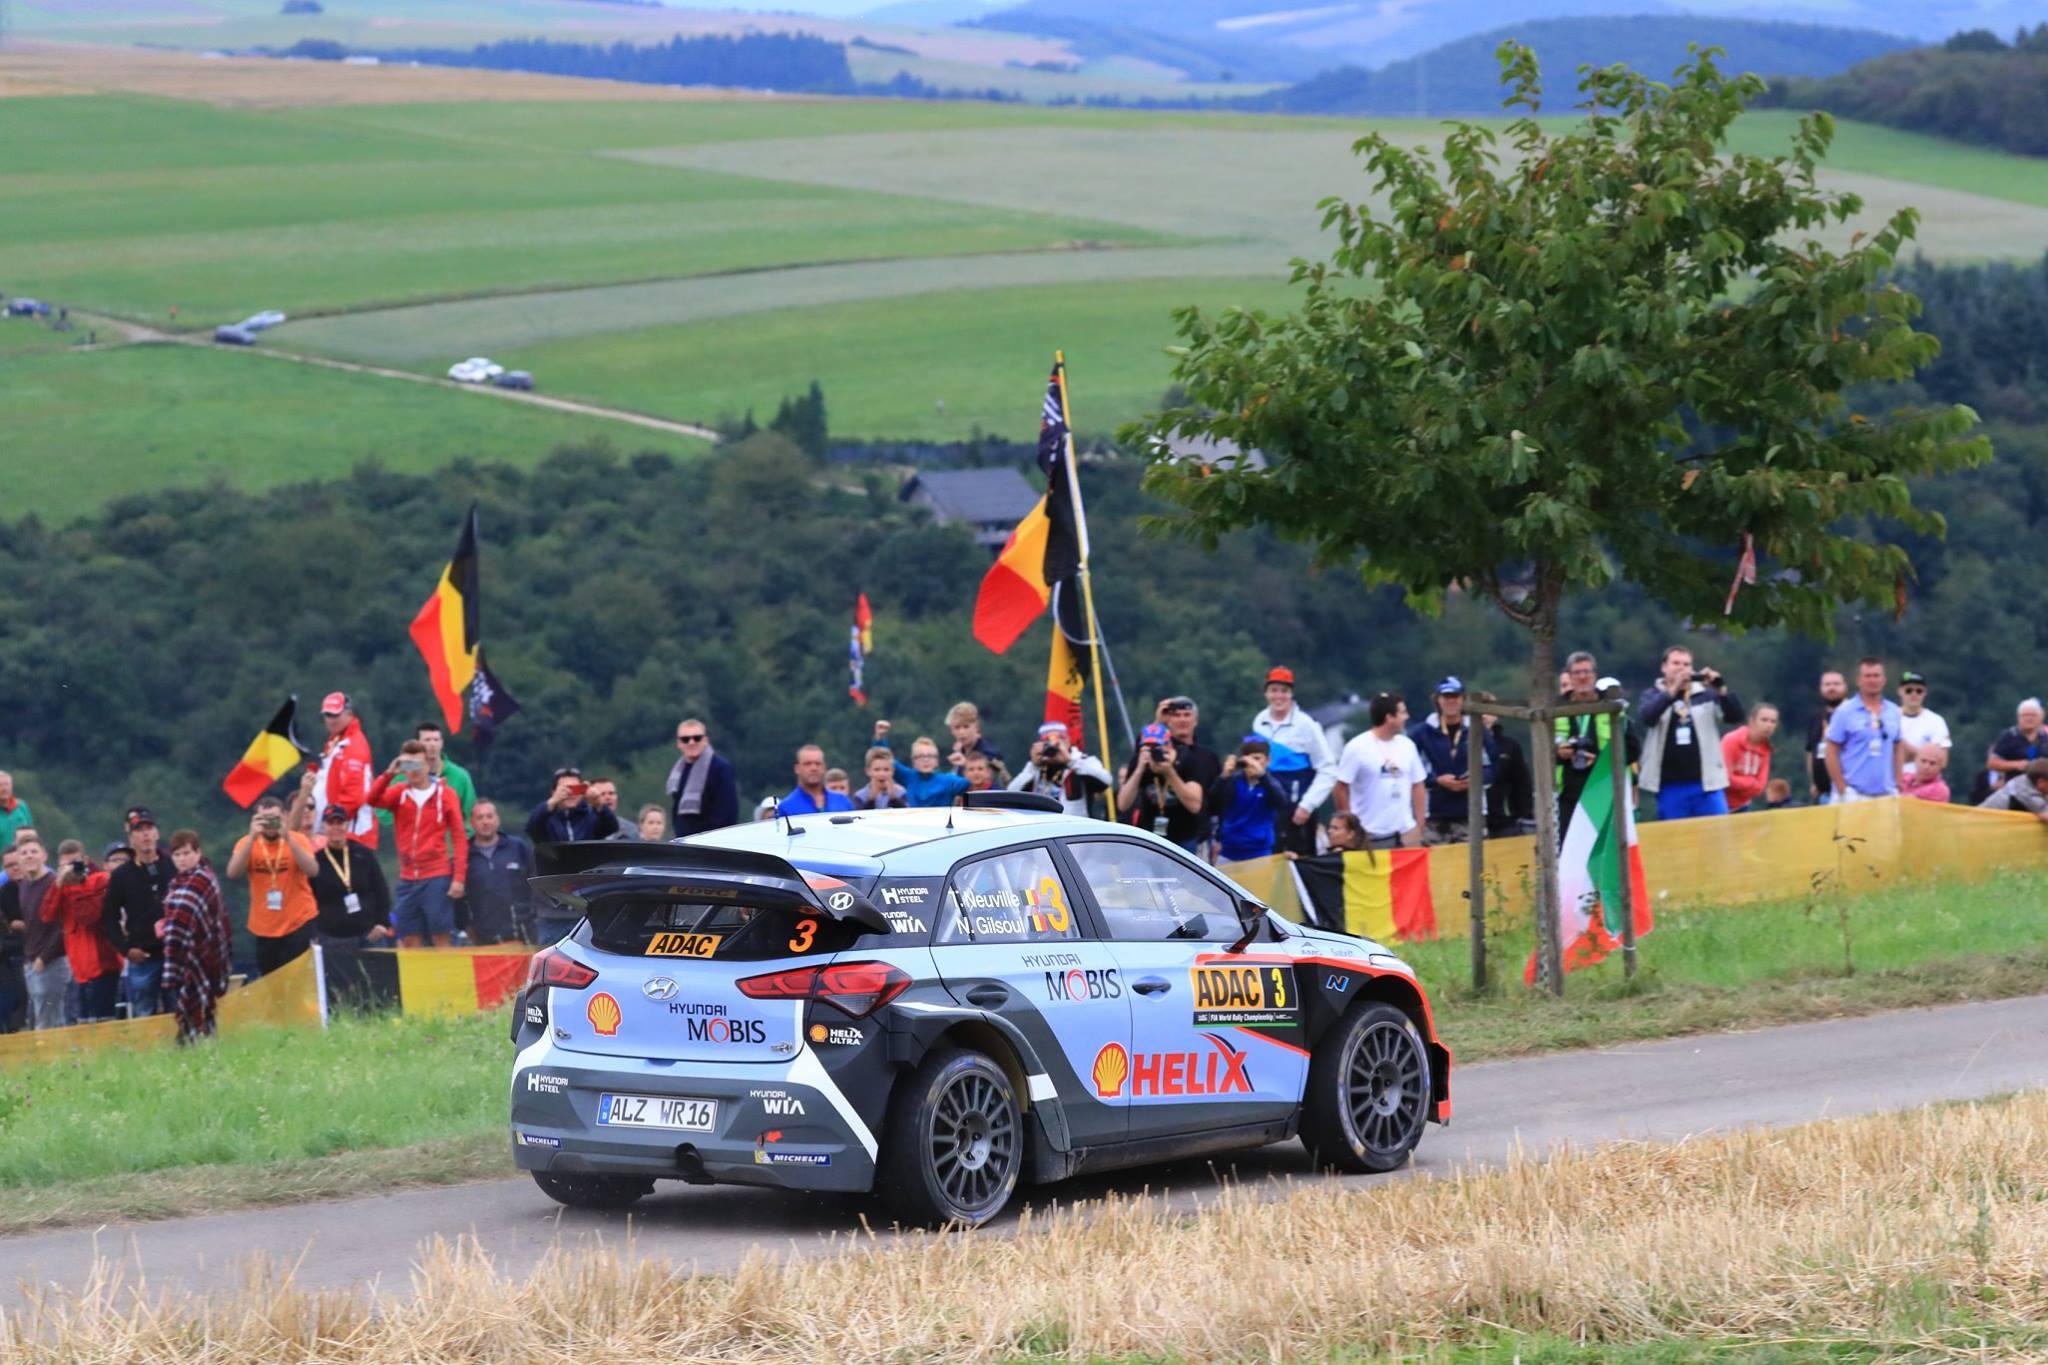 Wrc Ogier Breaks Winless Spell To Win Rally Deutschland